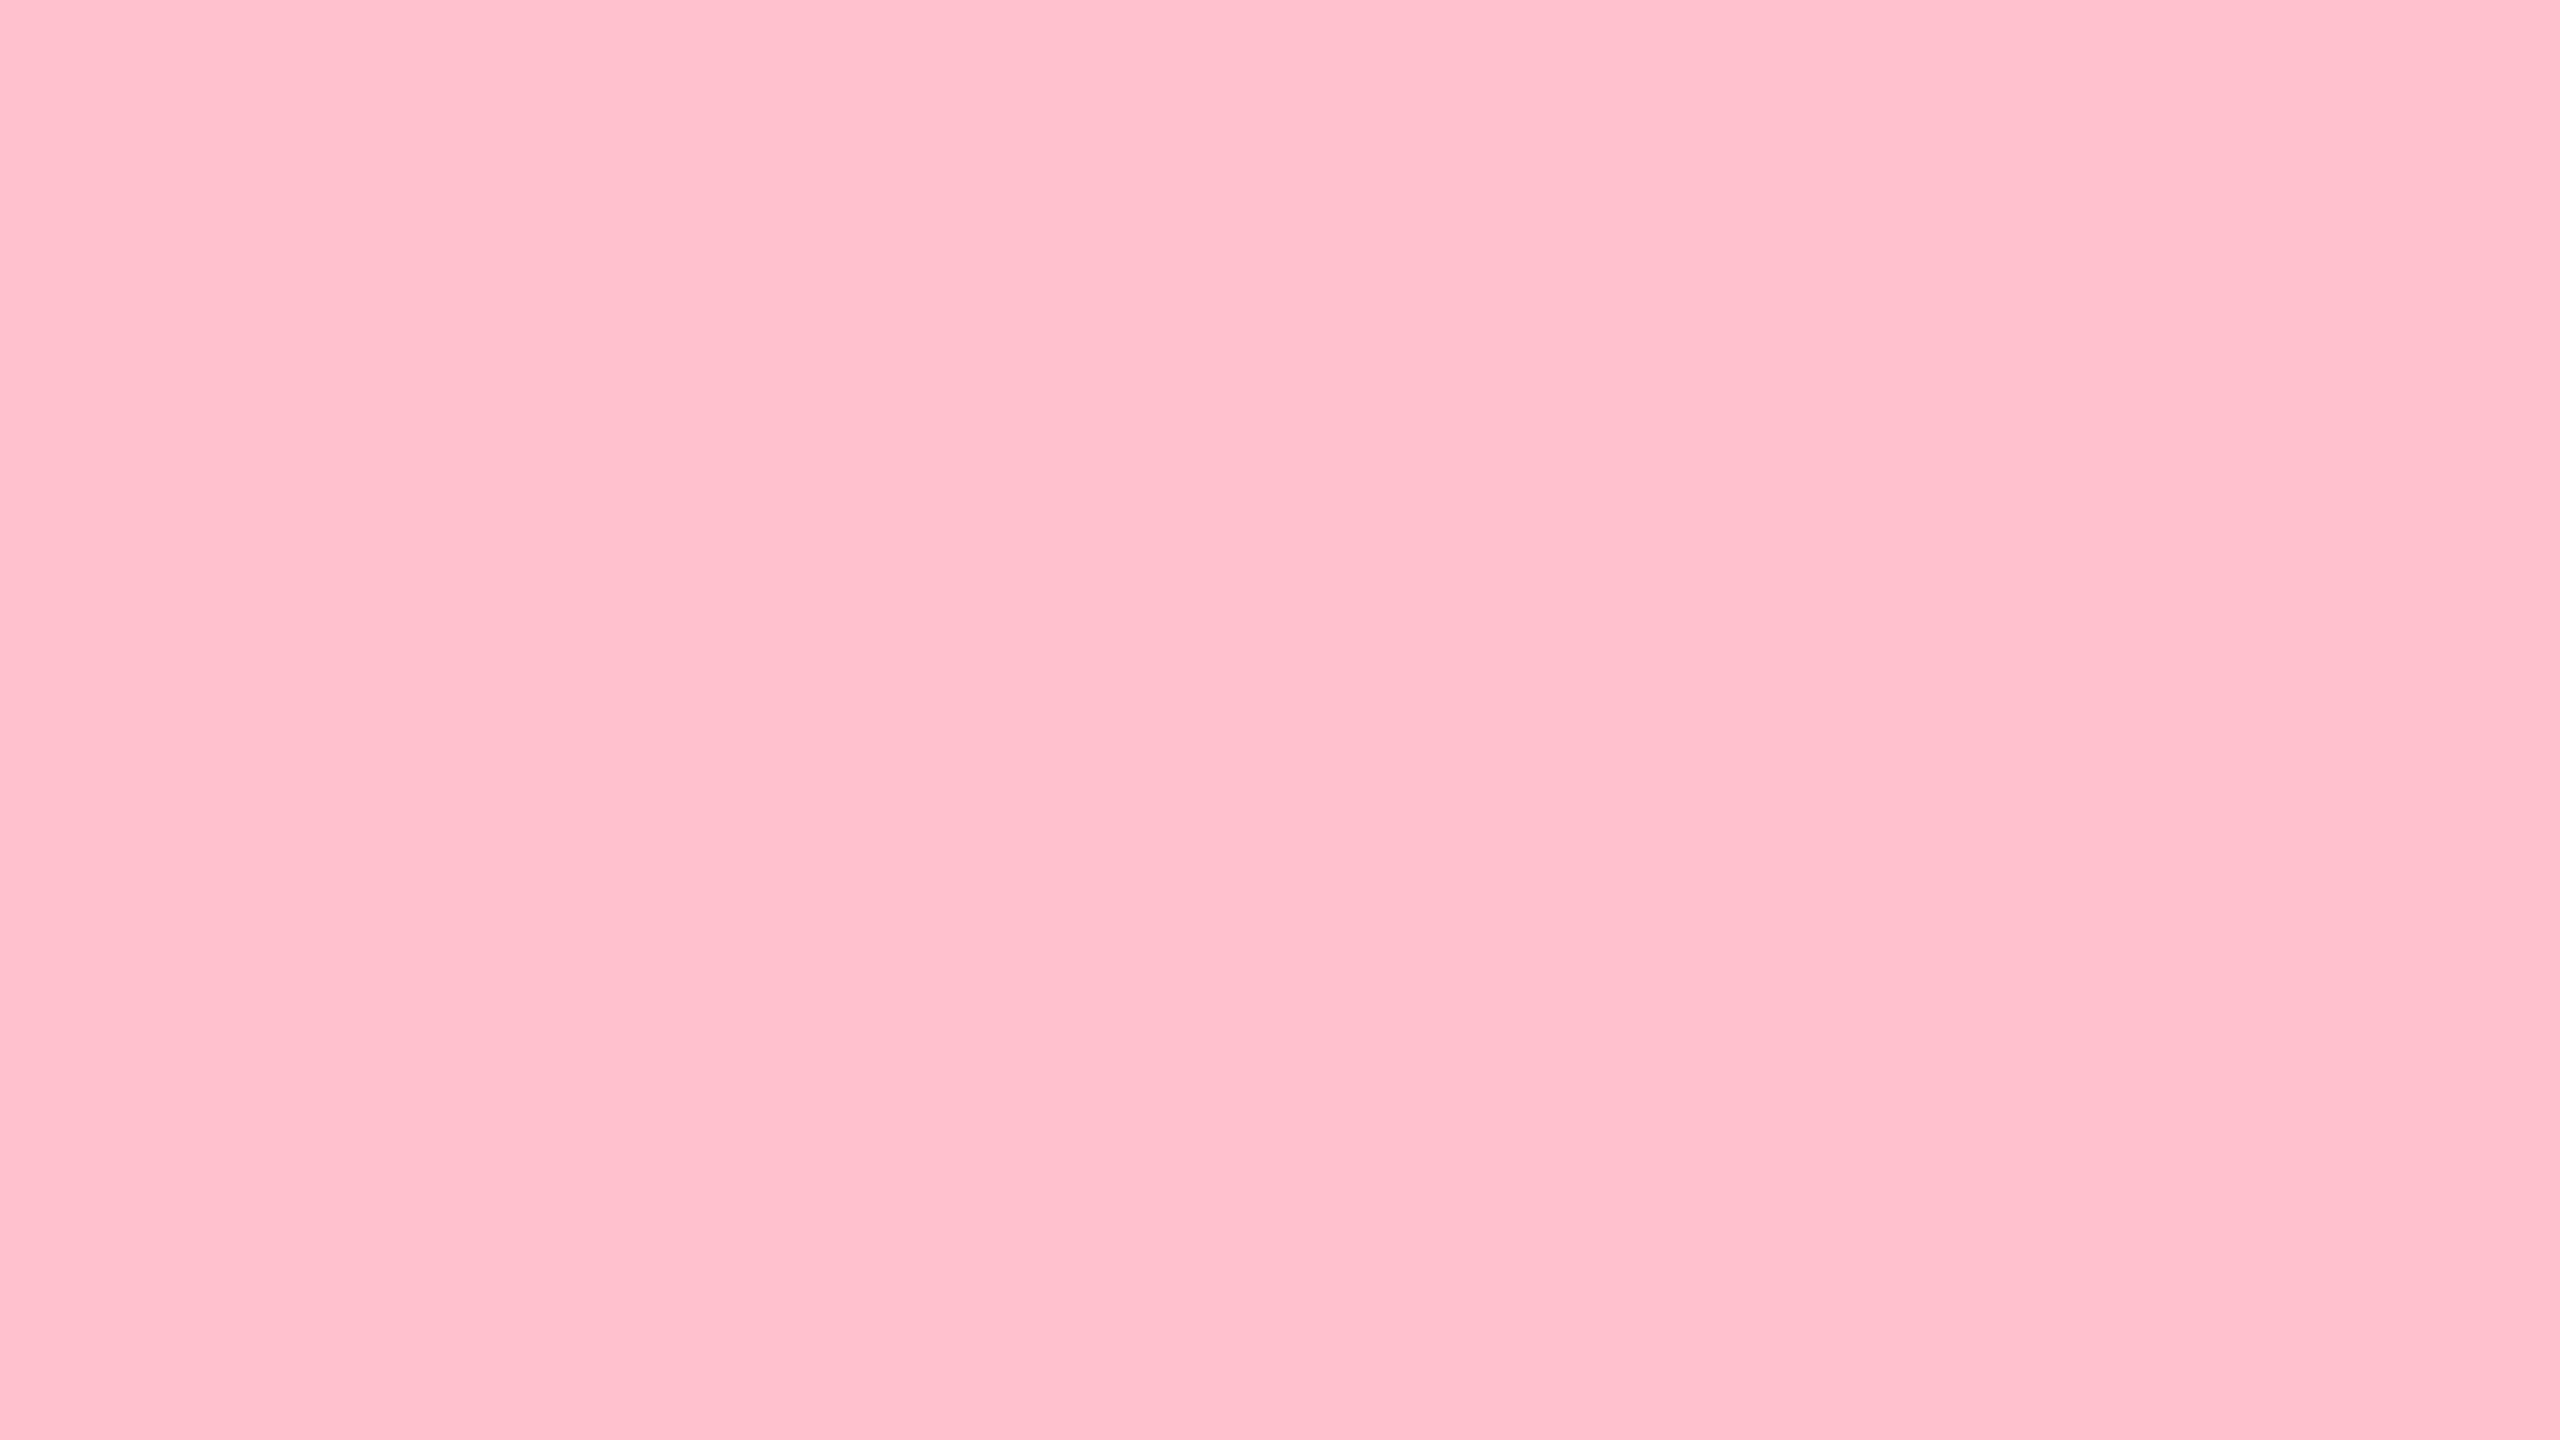 2560x1440 Bubble Gum Solid Color Background